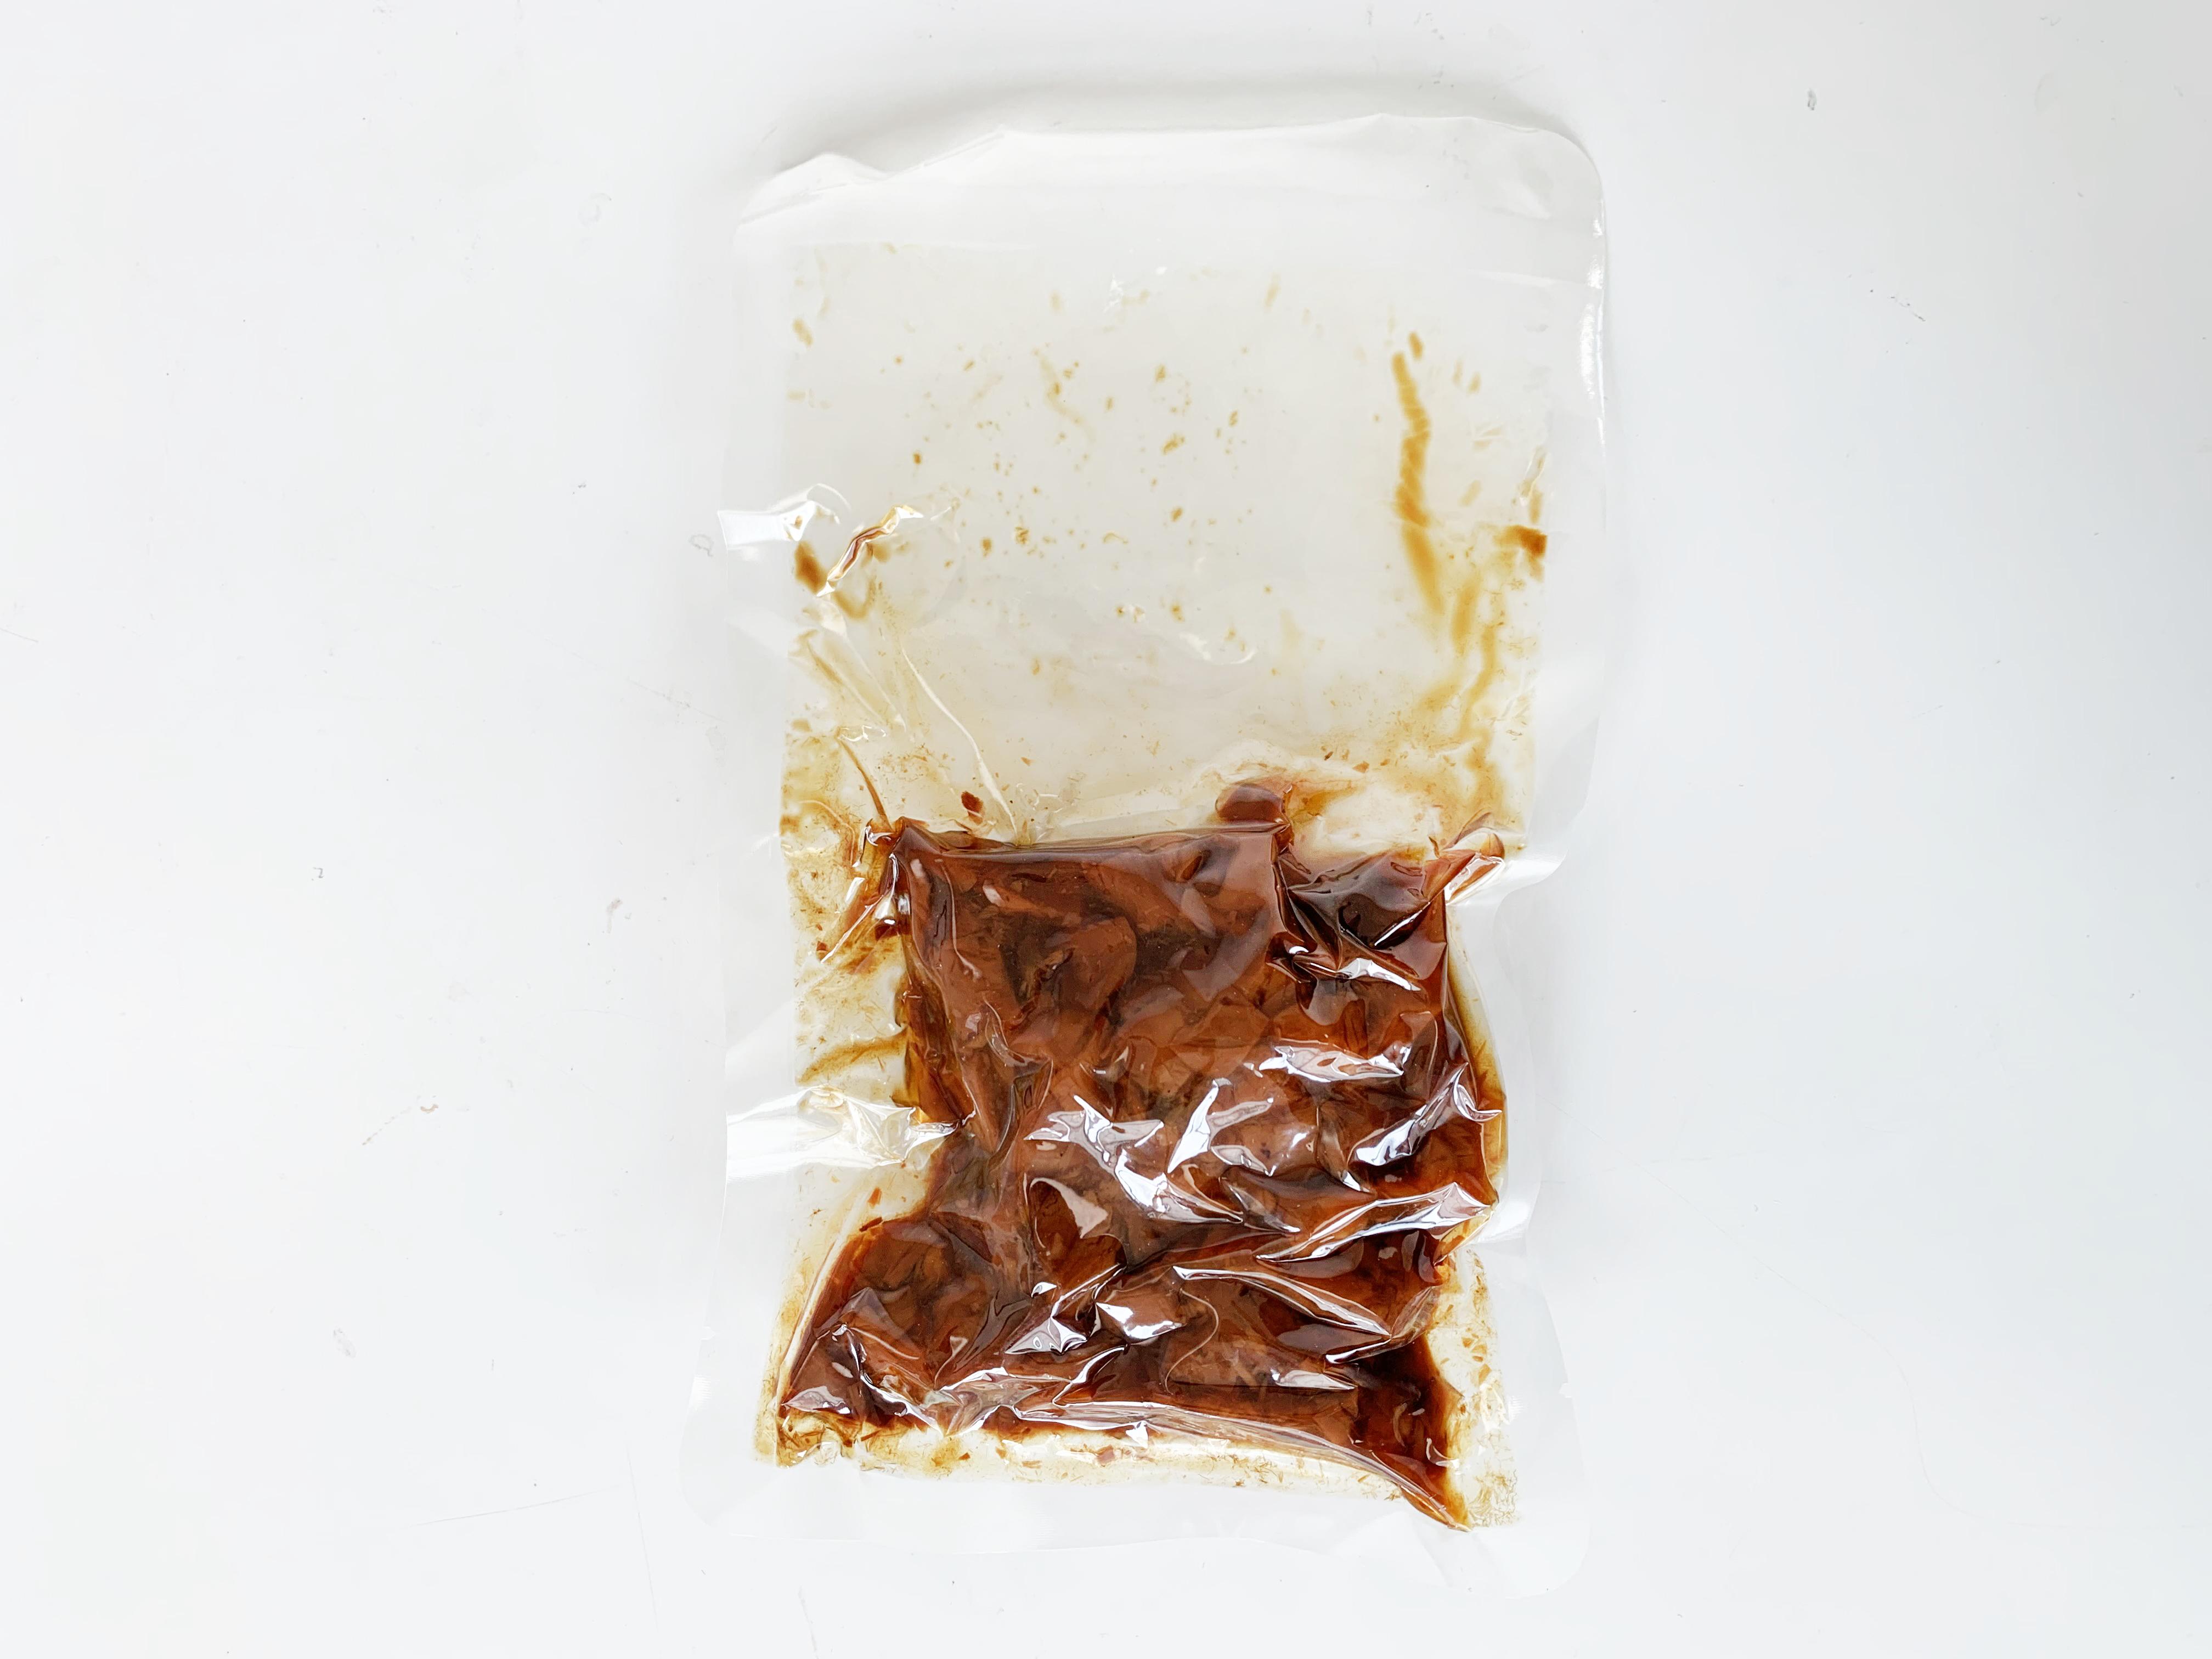 かつお味わいセット(しぐれ&フレーク)1.2kg:1800円